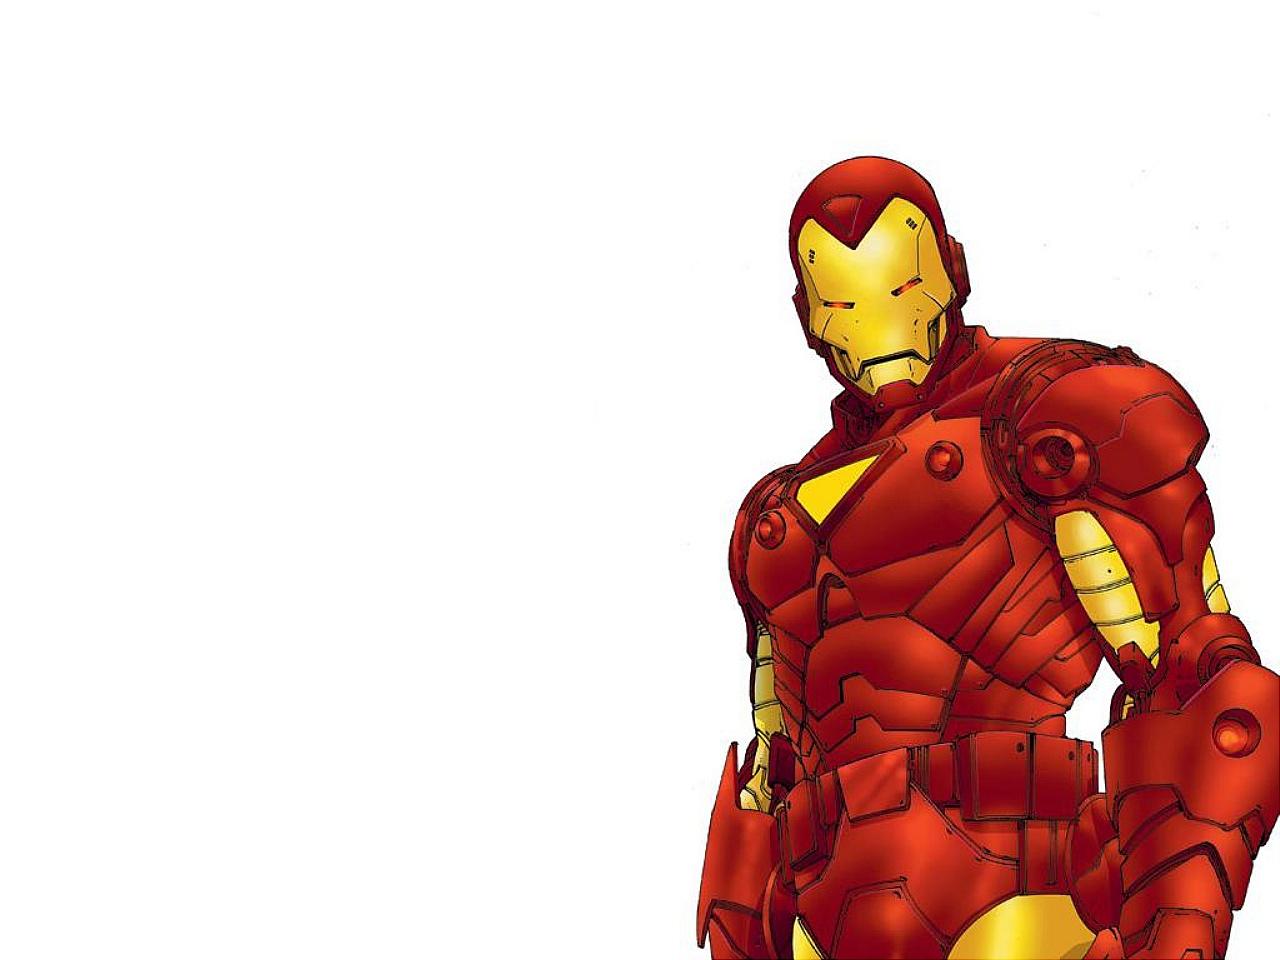 Iron Man 2   Comics Photography Desktop Wallpapers 17332 Views 1280x960